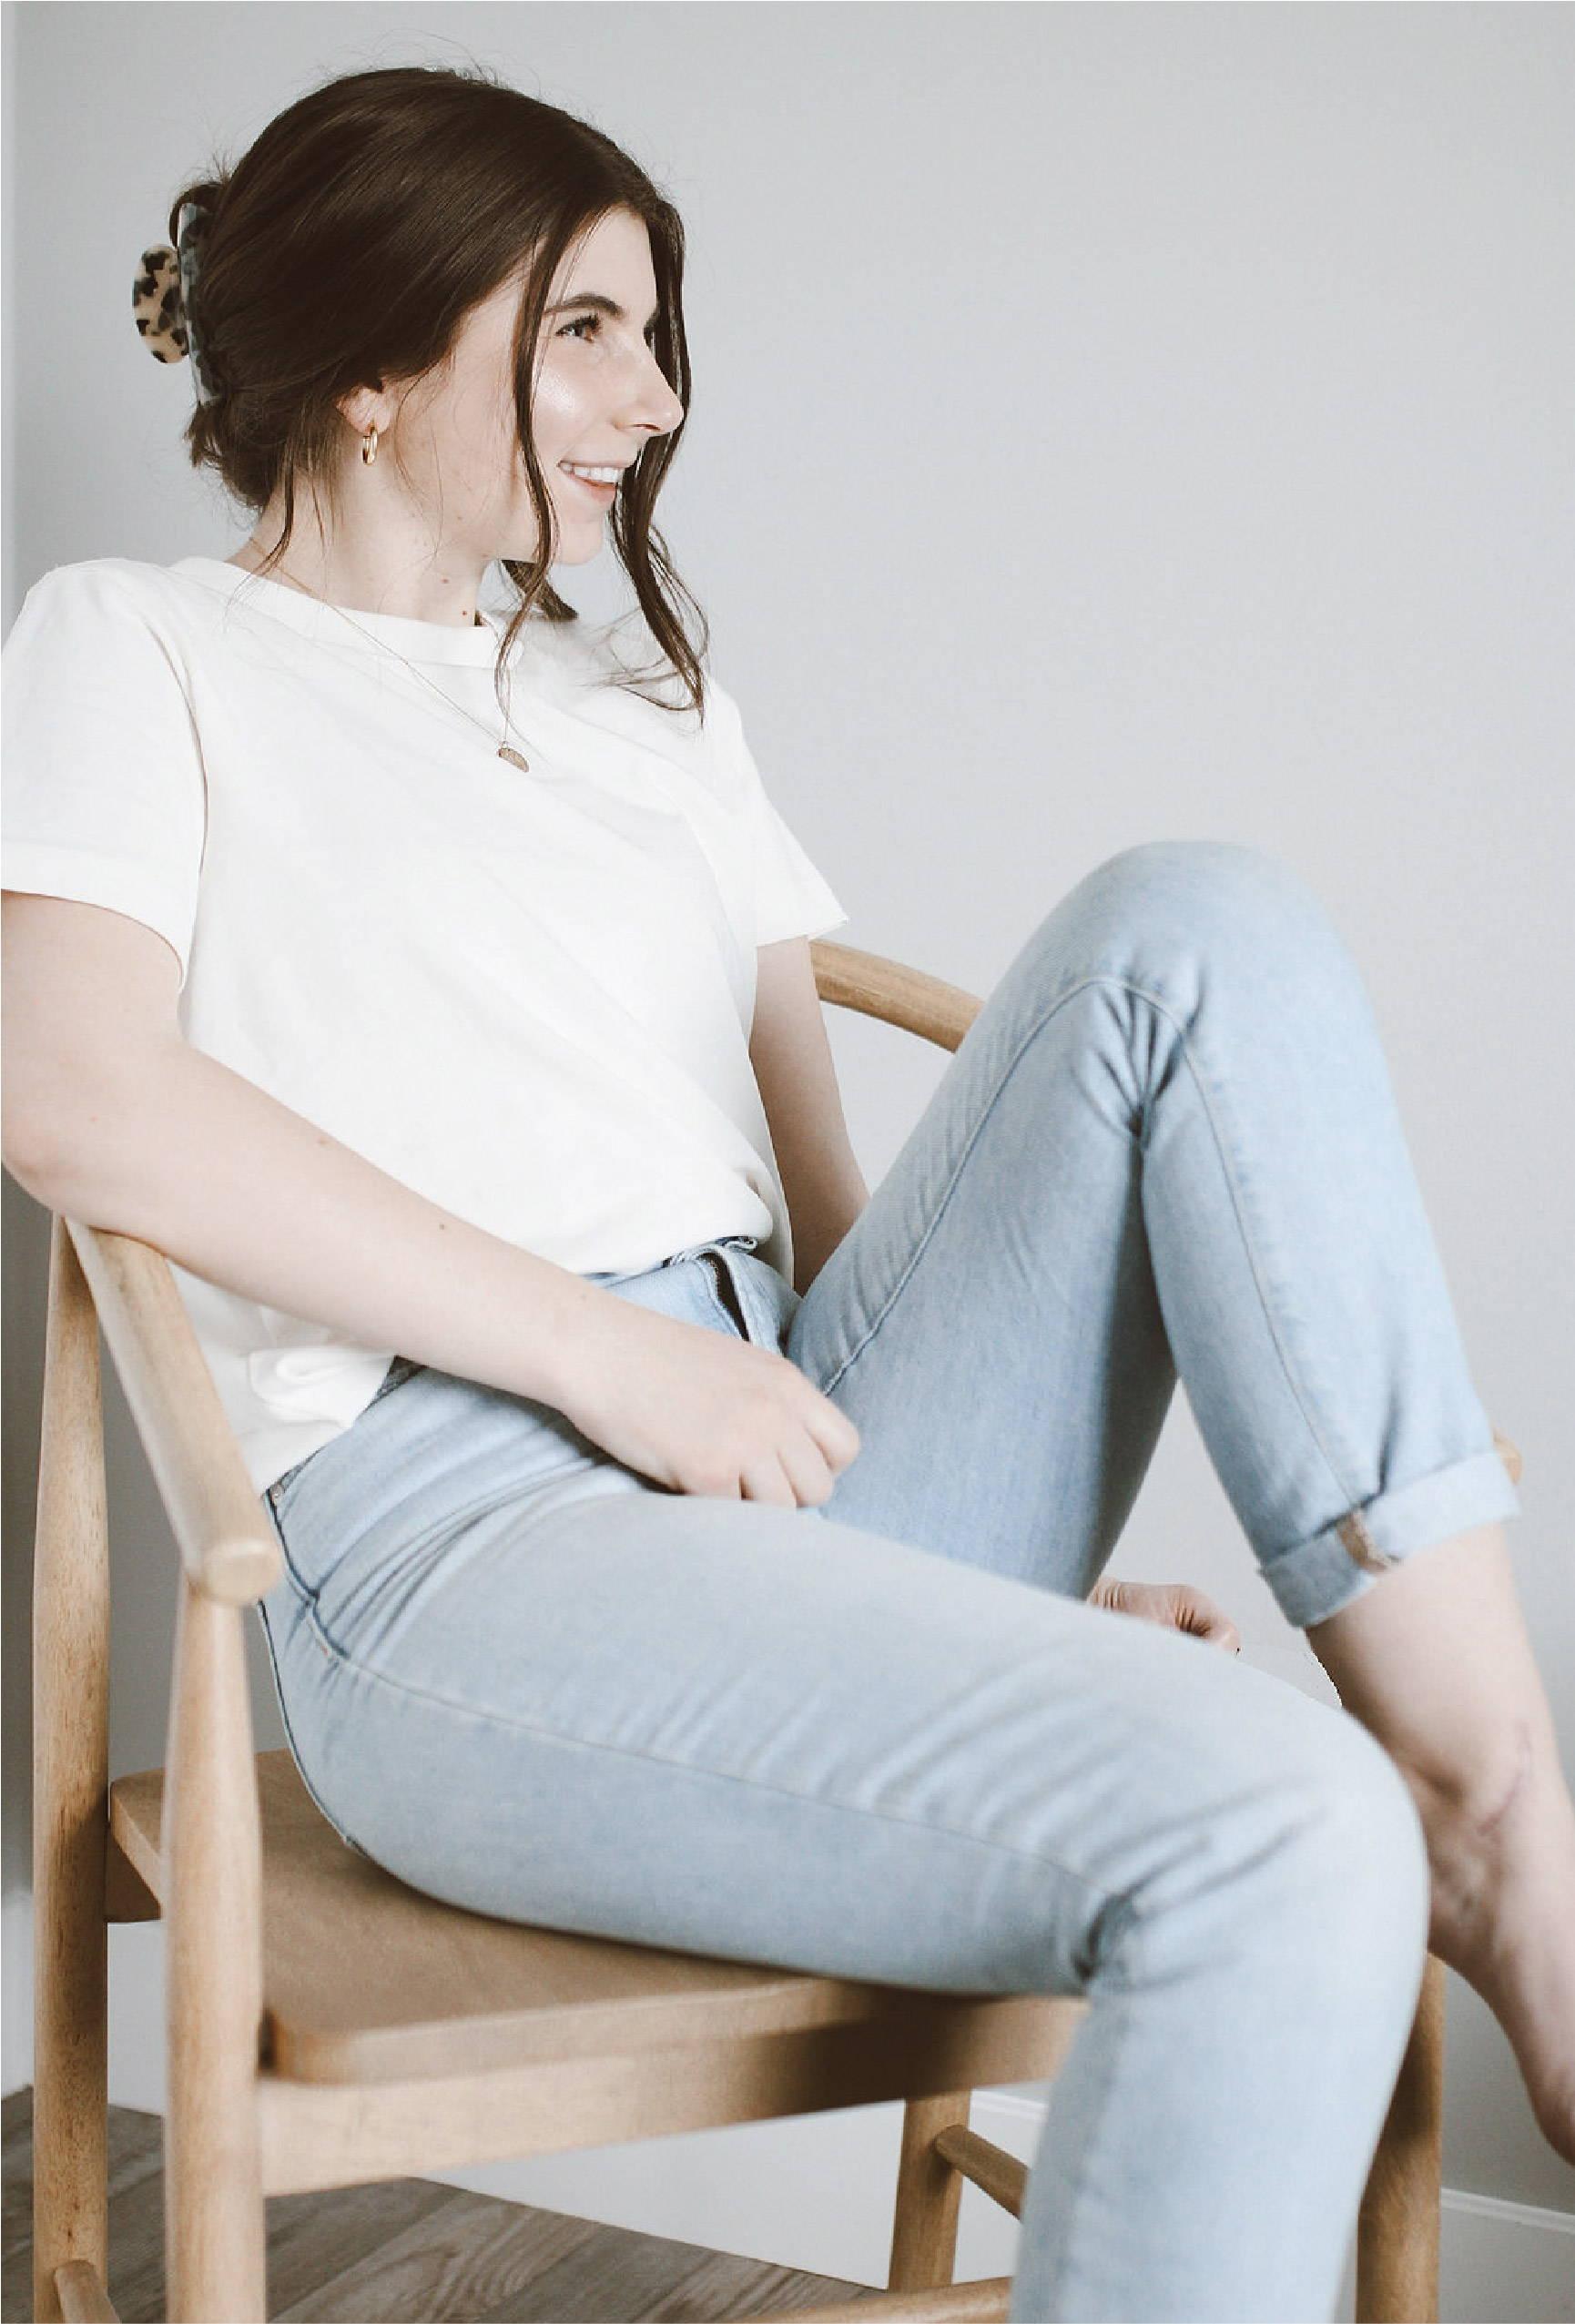 Woman in tshirt sitting